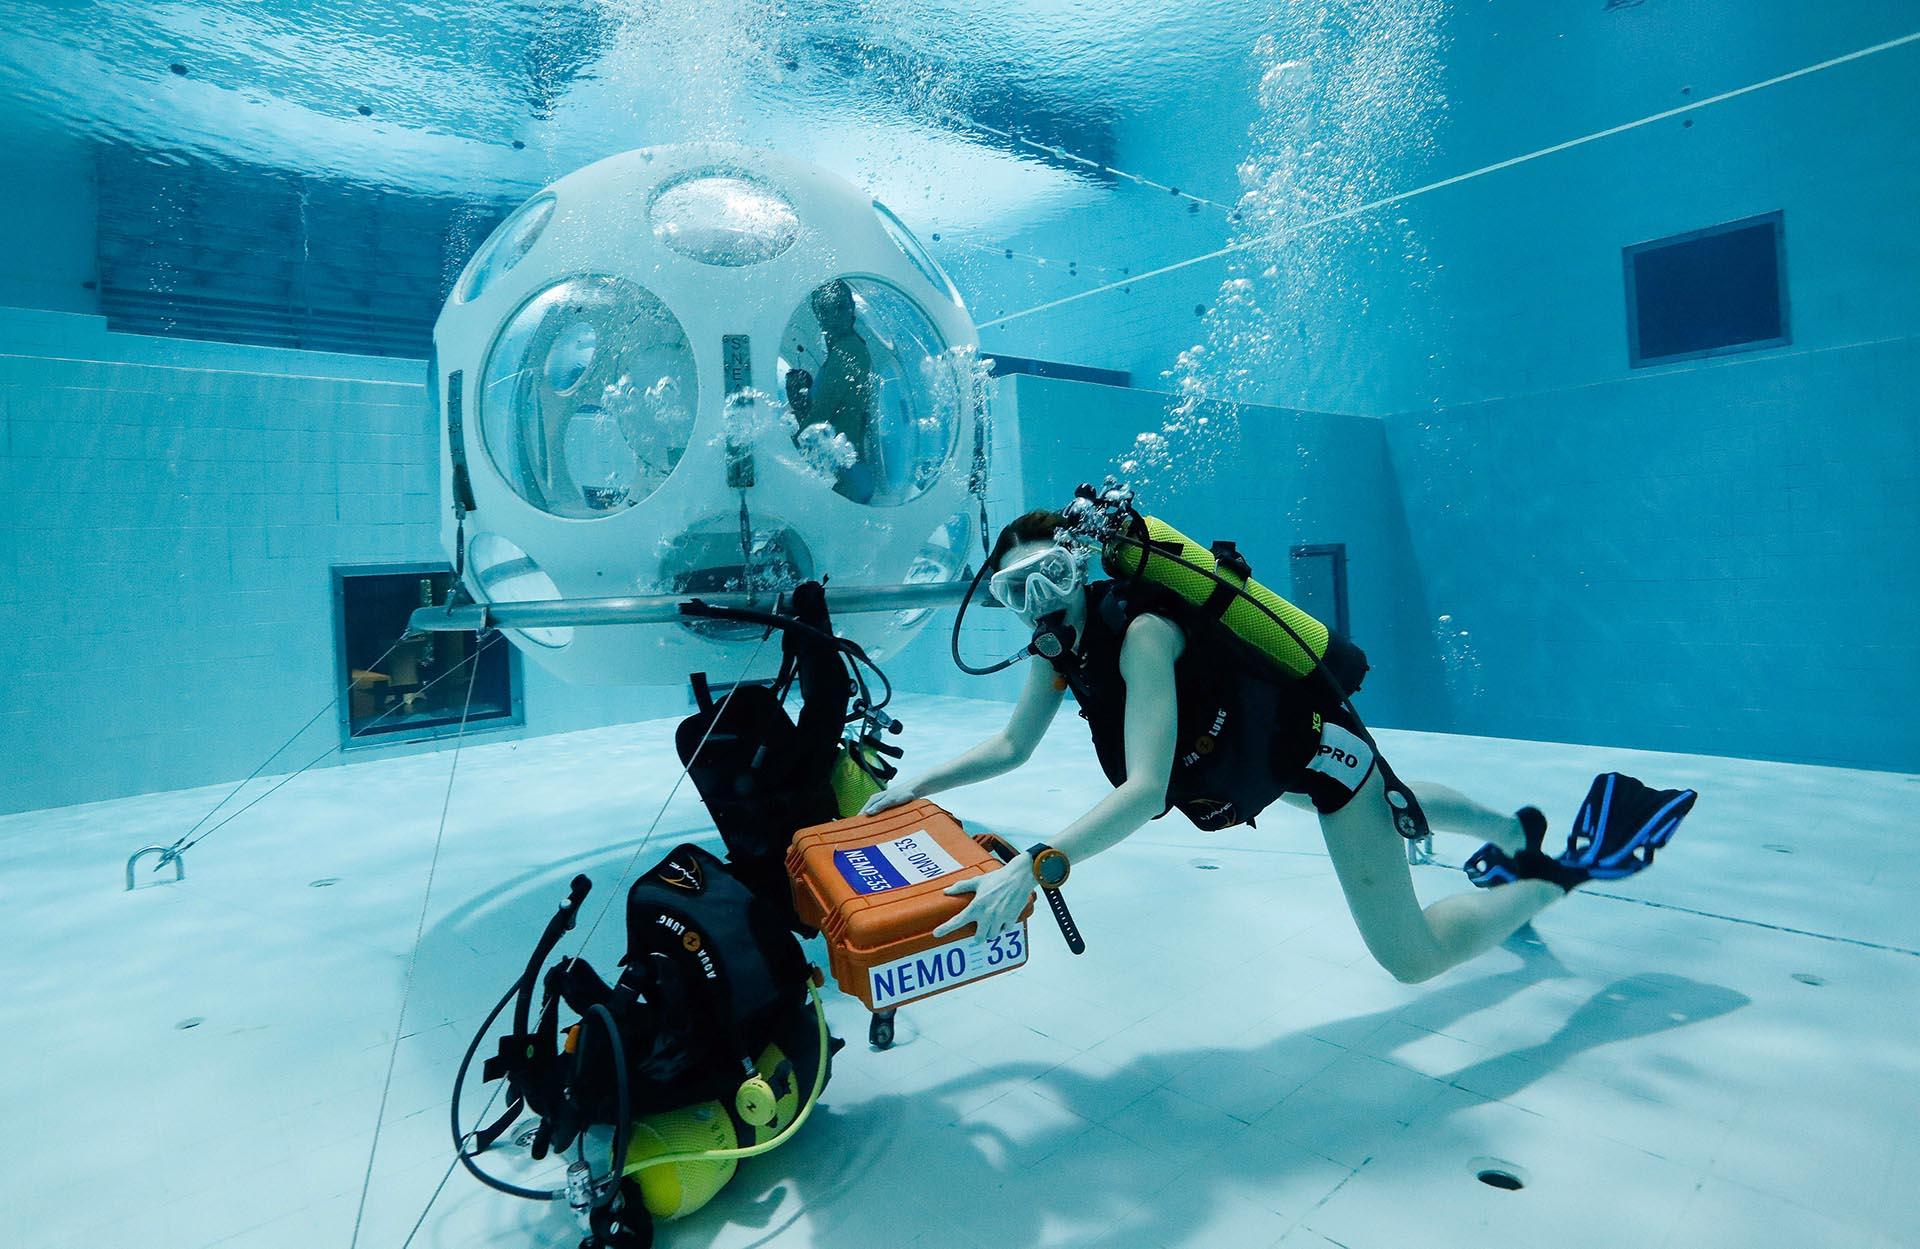 La mesera Valeryia Prusakova lleva uno de los pedidos en la caja hermética identificada con el nombre del centro de buceo, NEMO33 (REUTERS/Yves Herman)